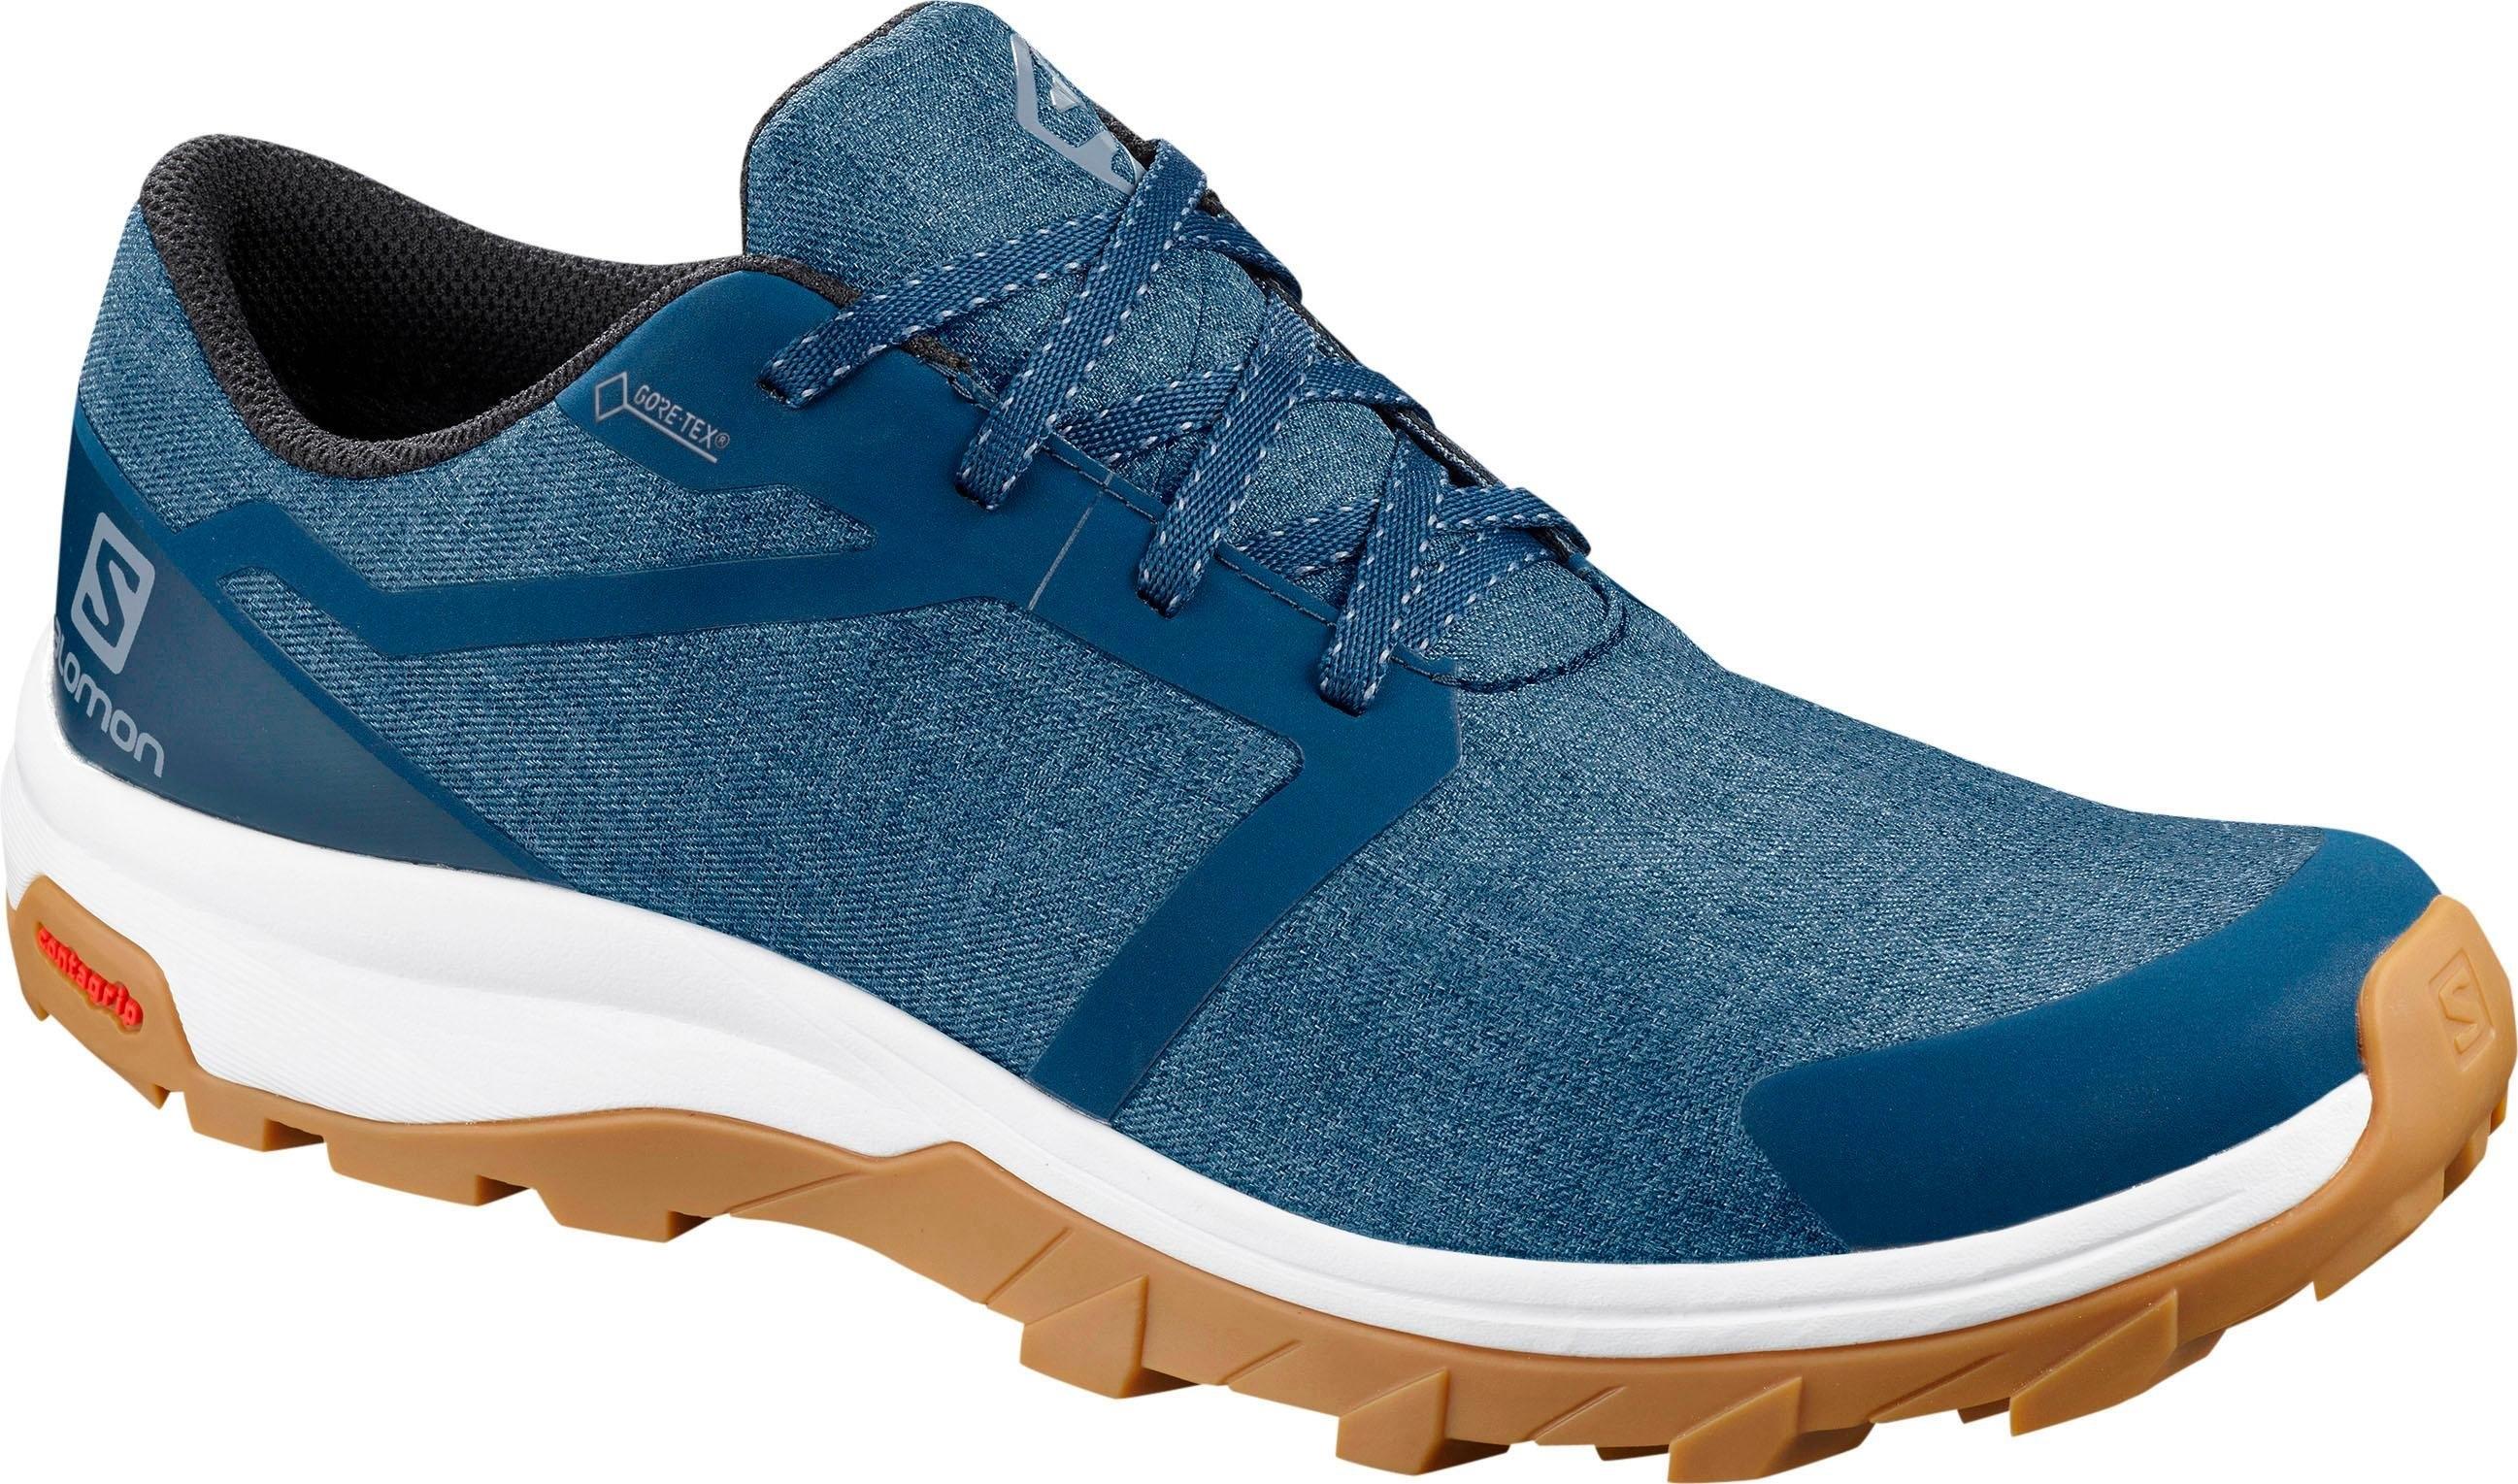 Salomon outdoorschoenen »OUTbound Gore-Tex M« goedkoop op otto.nl kopen